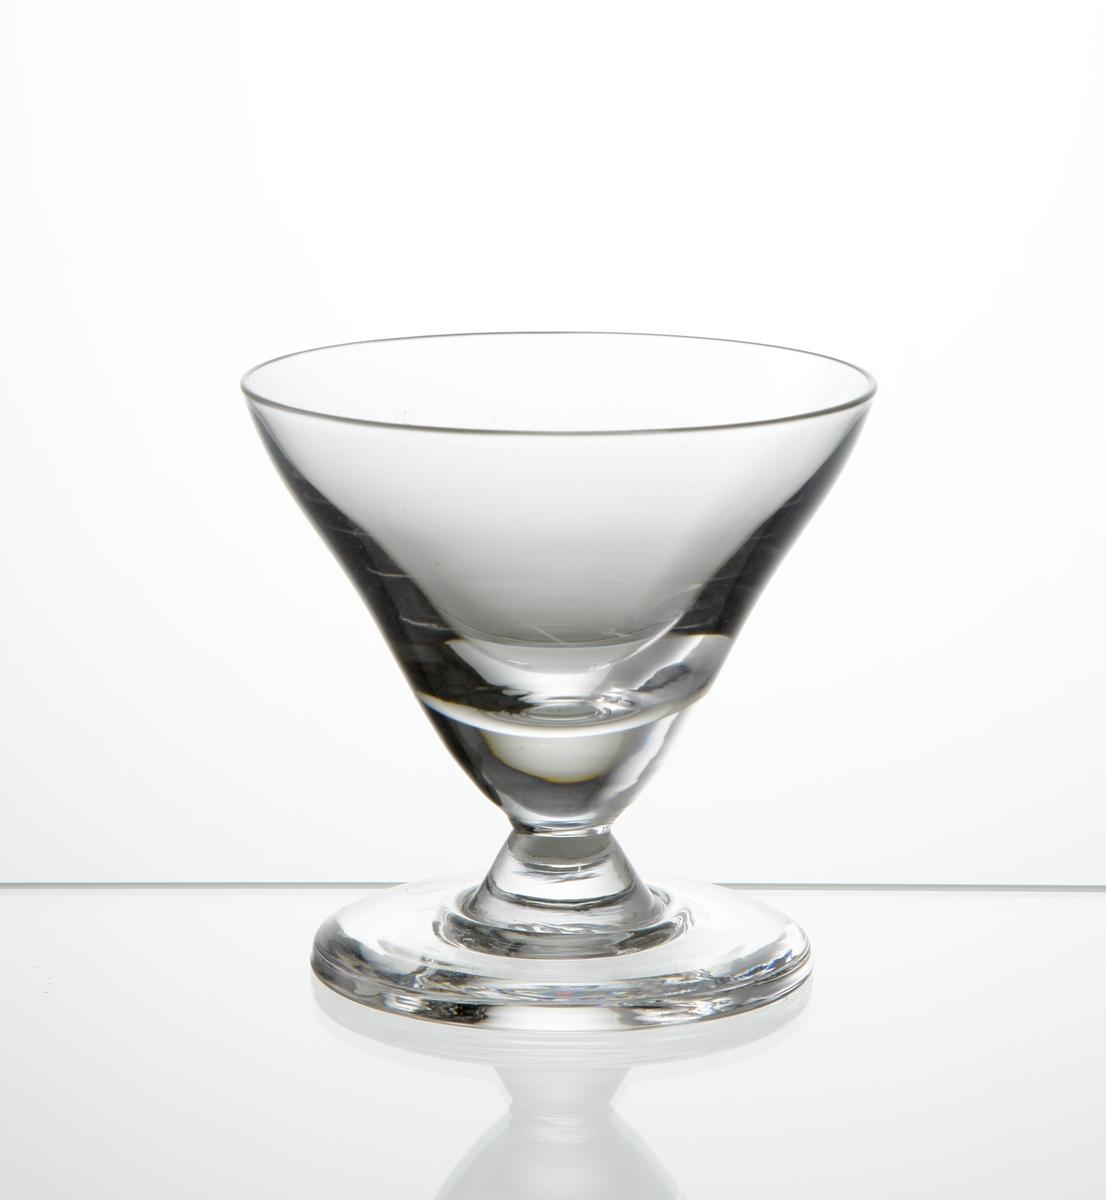 Cocktailglas, konande kupa med kort ben på fot.